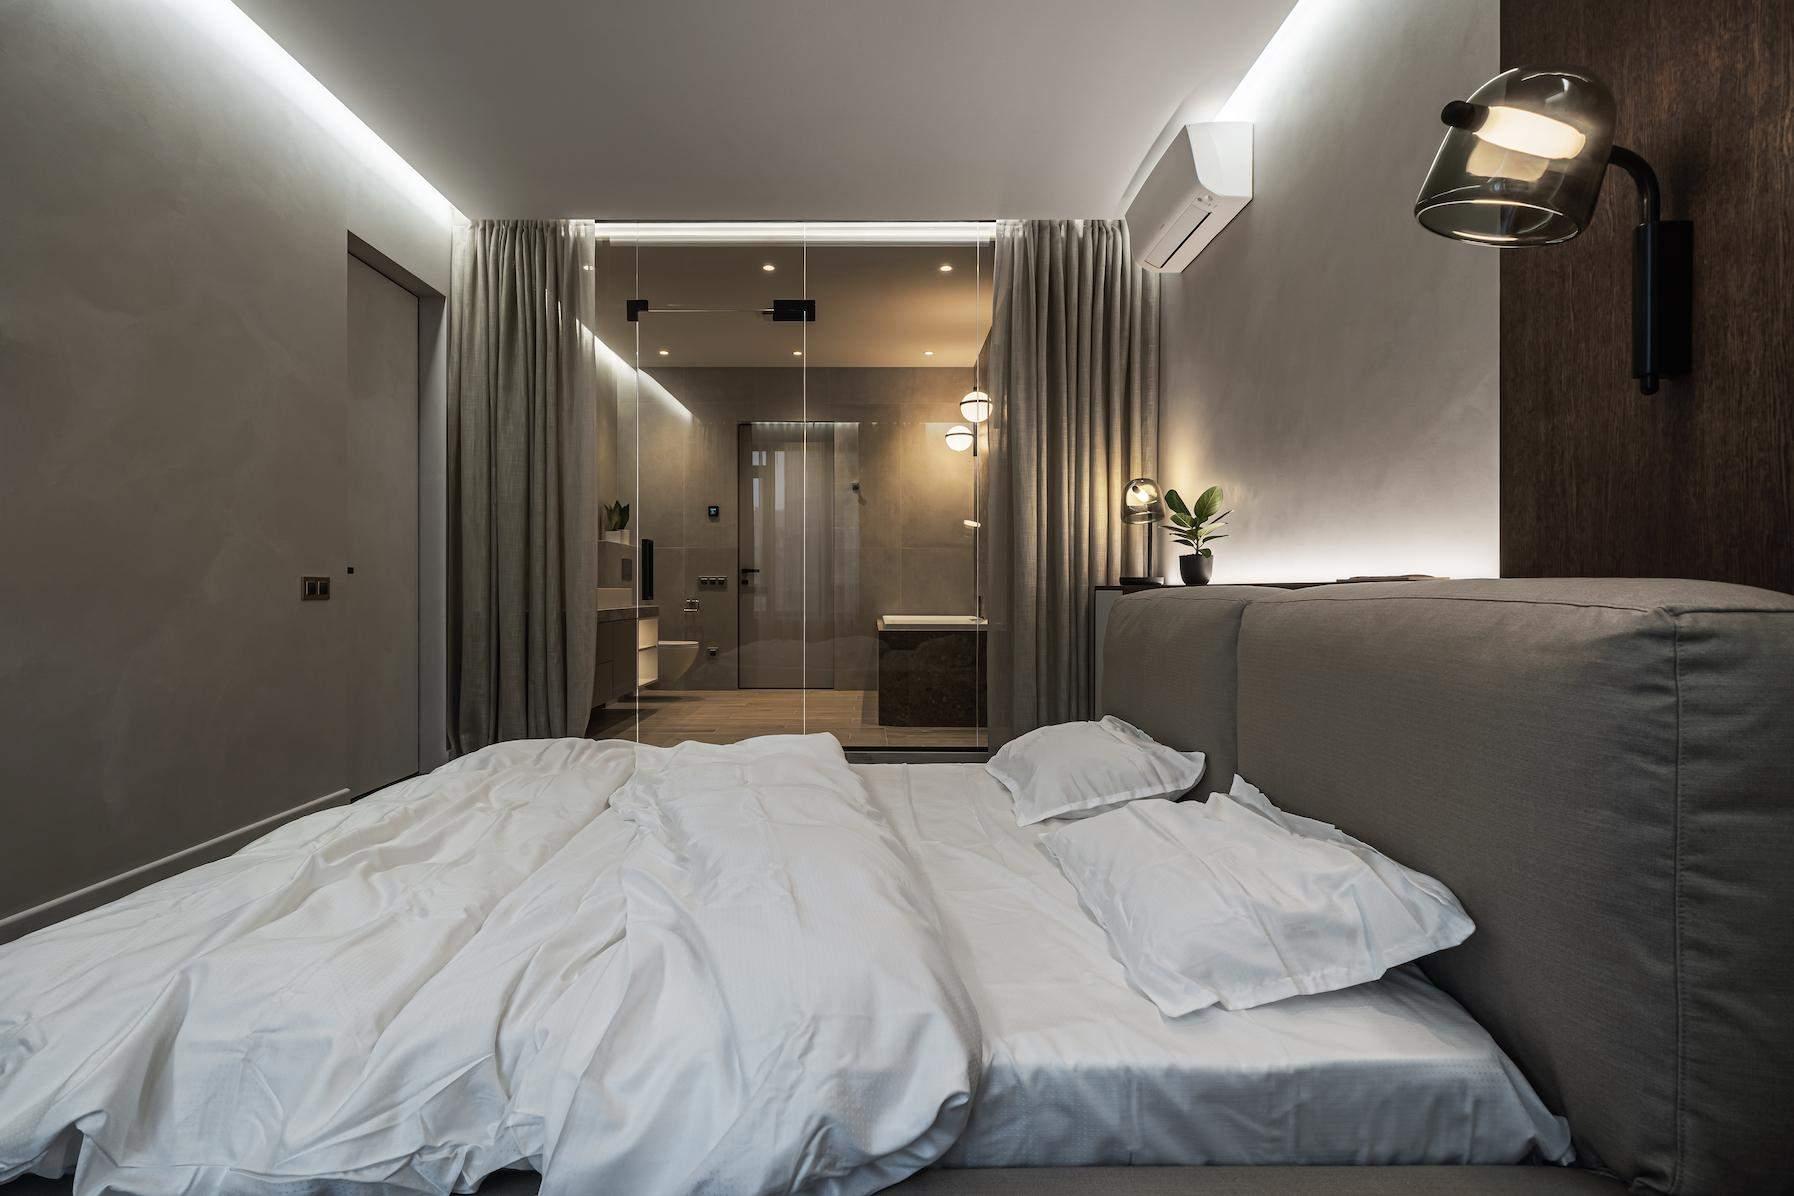 Прозора стіна в ванну кімнату нагадує вікно і візуально розширює простір спальні